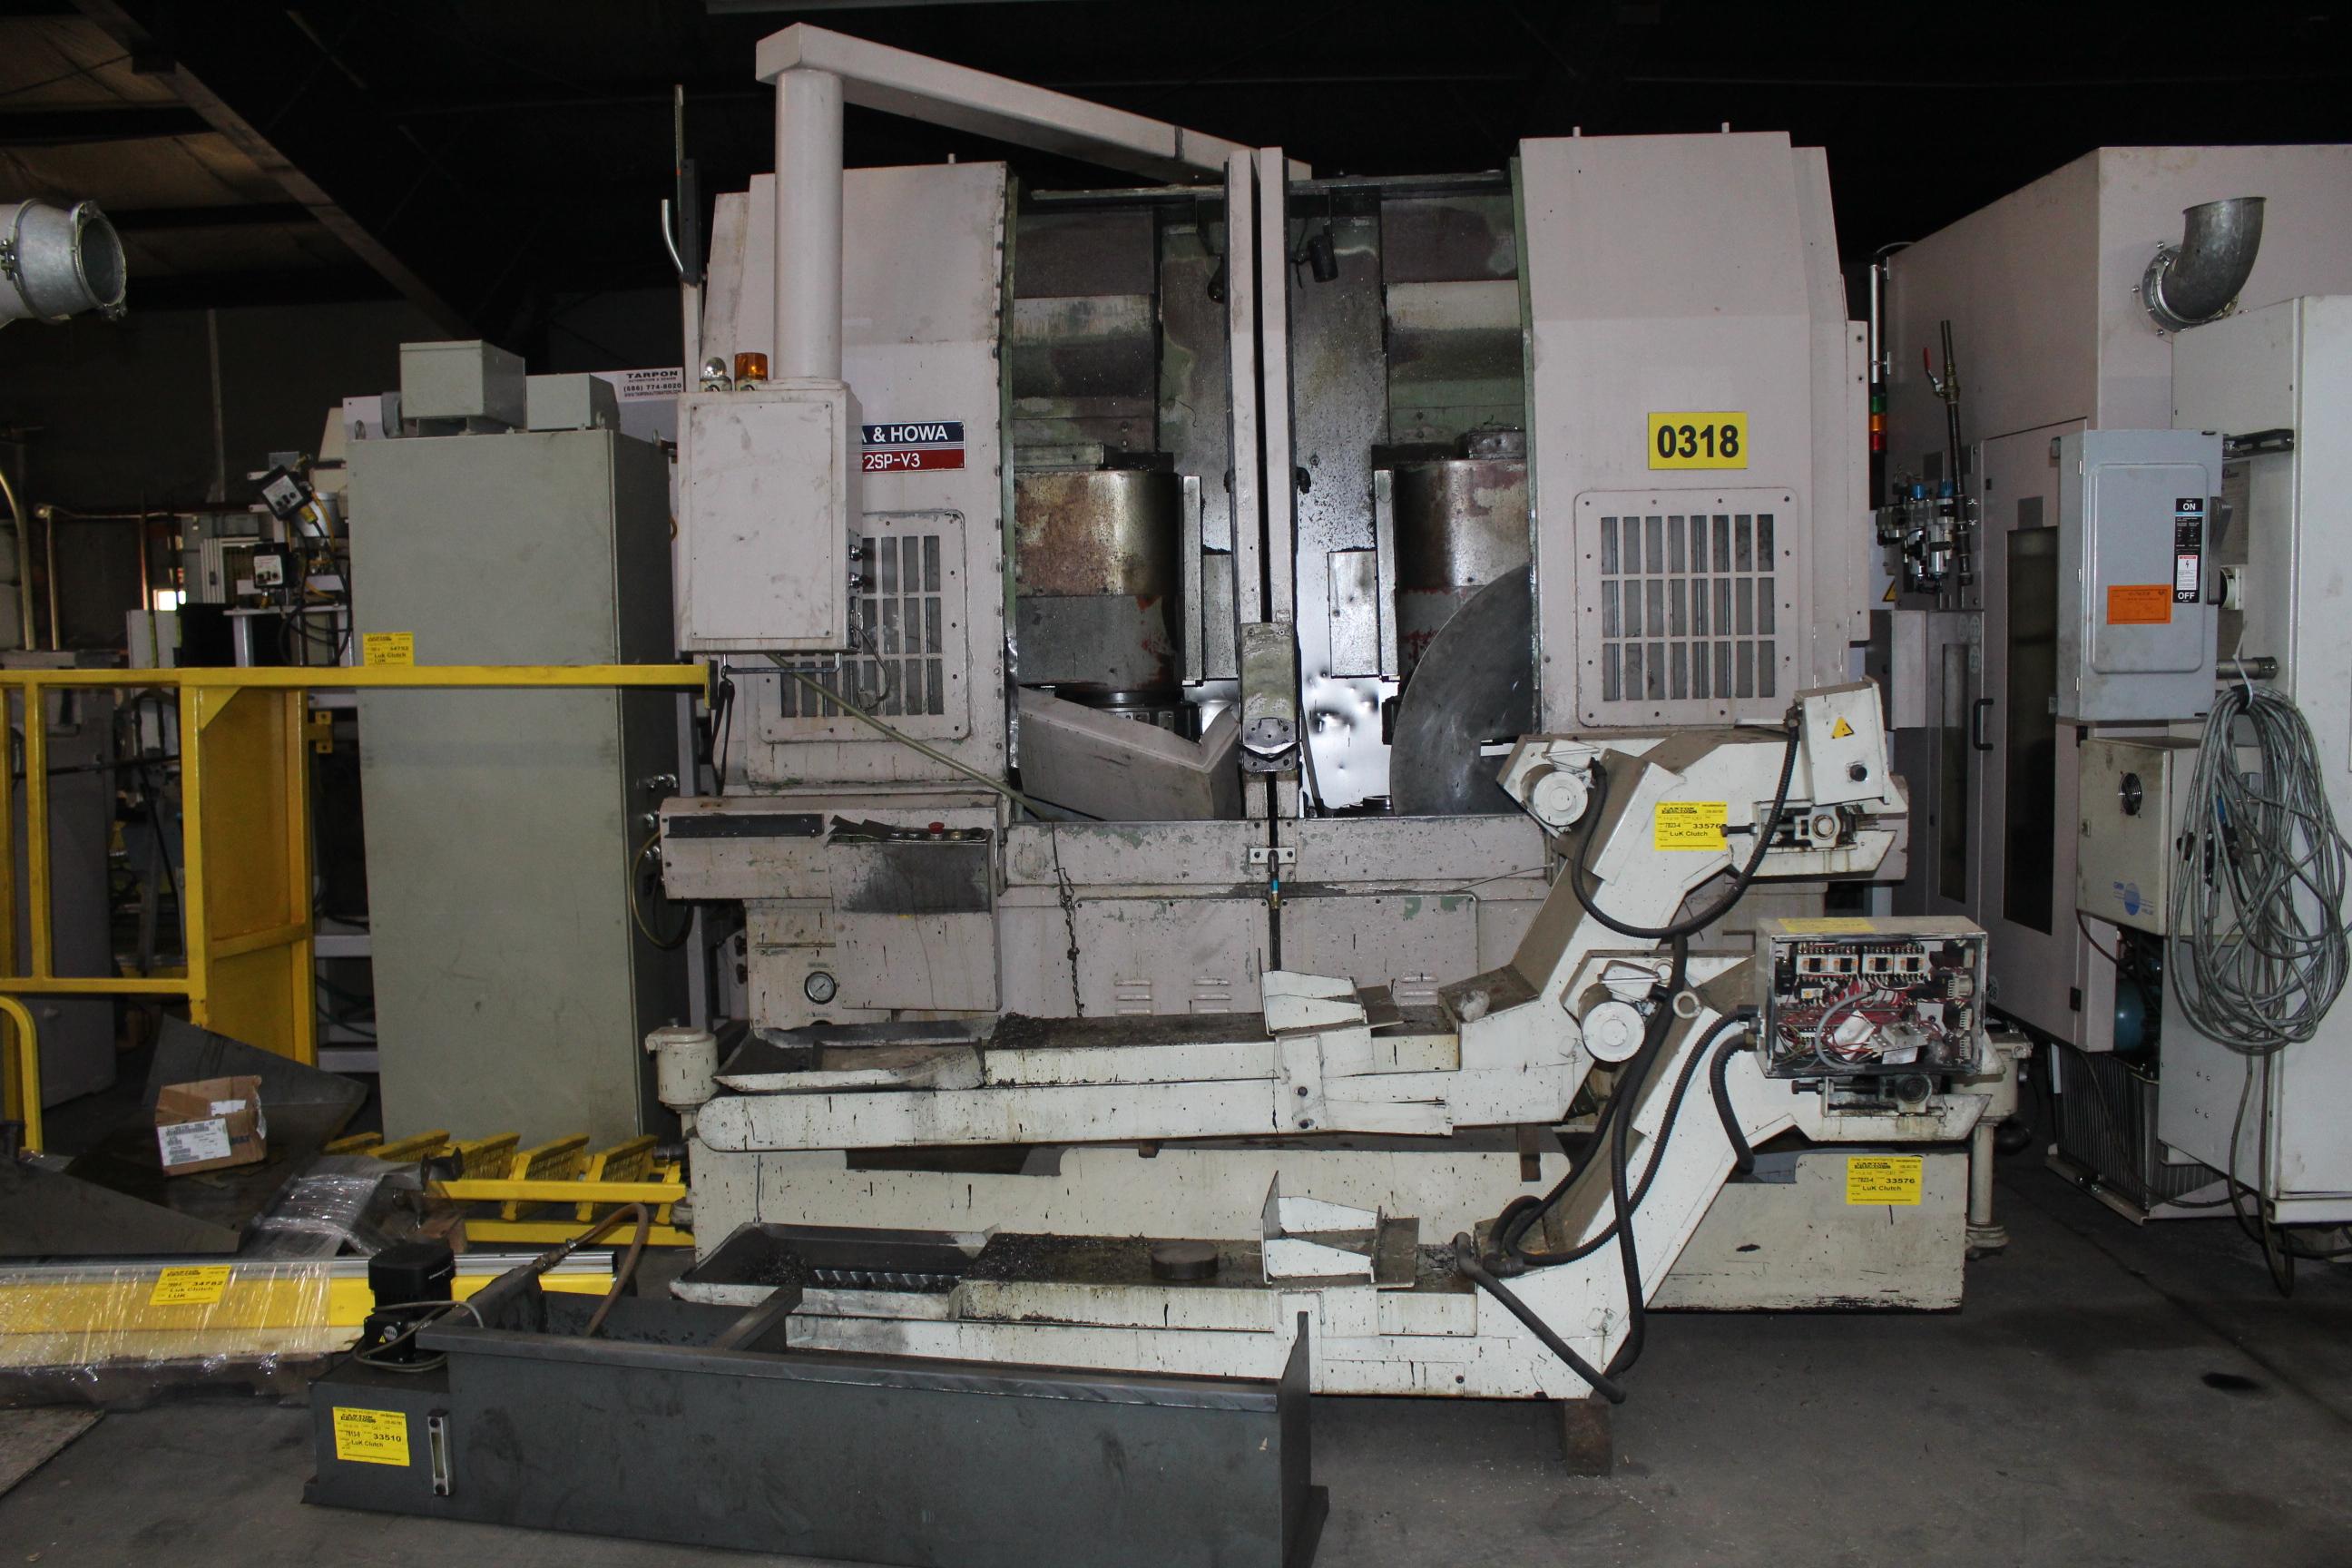 12058923 okuma lathe act 2sp v3 model year 07 1994 serial 30497 rh bidspotter com Okuma Howa 5-Axis Okuma Howa Machines